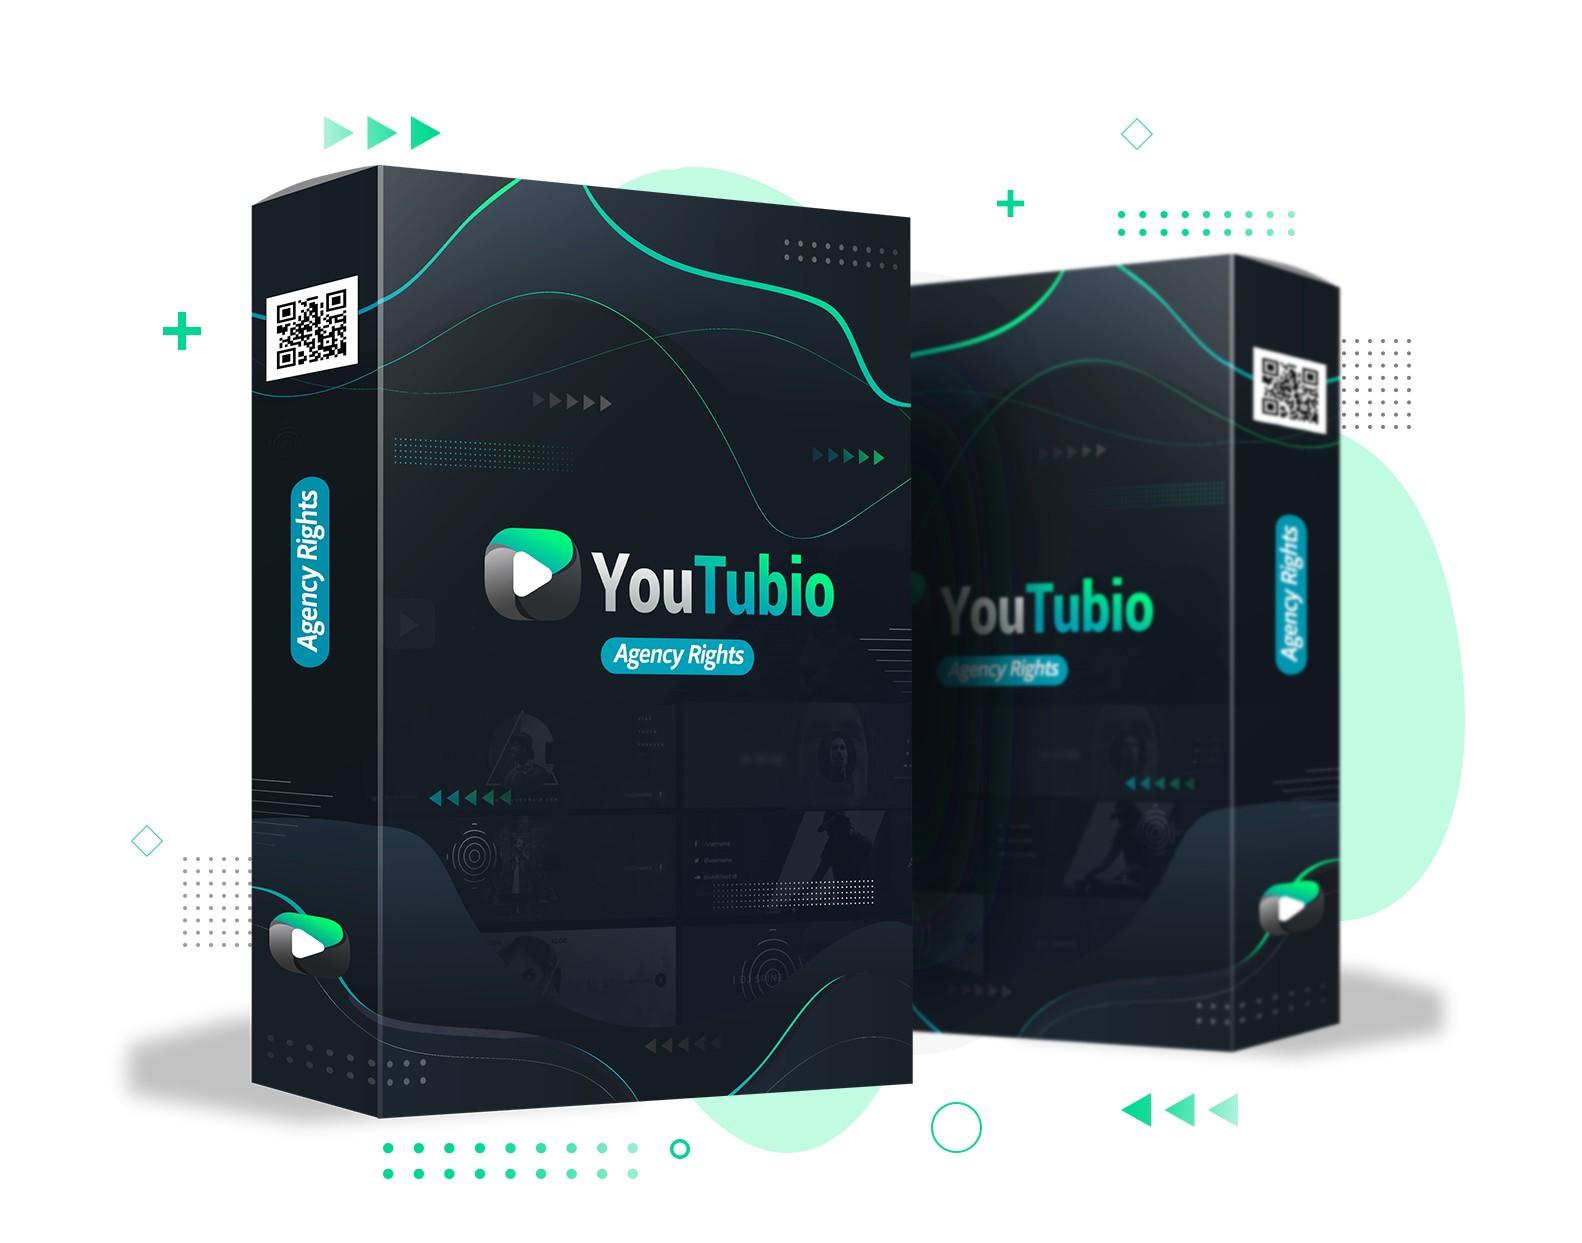 Youtubio-oto-2